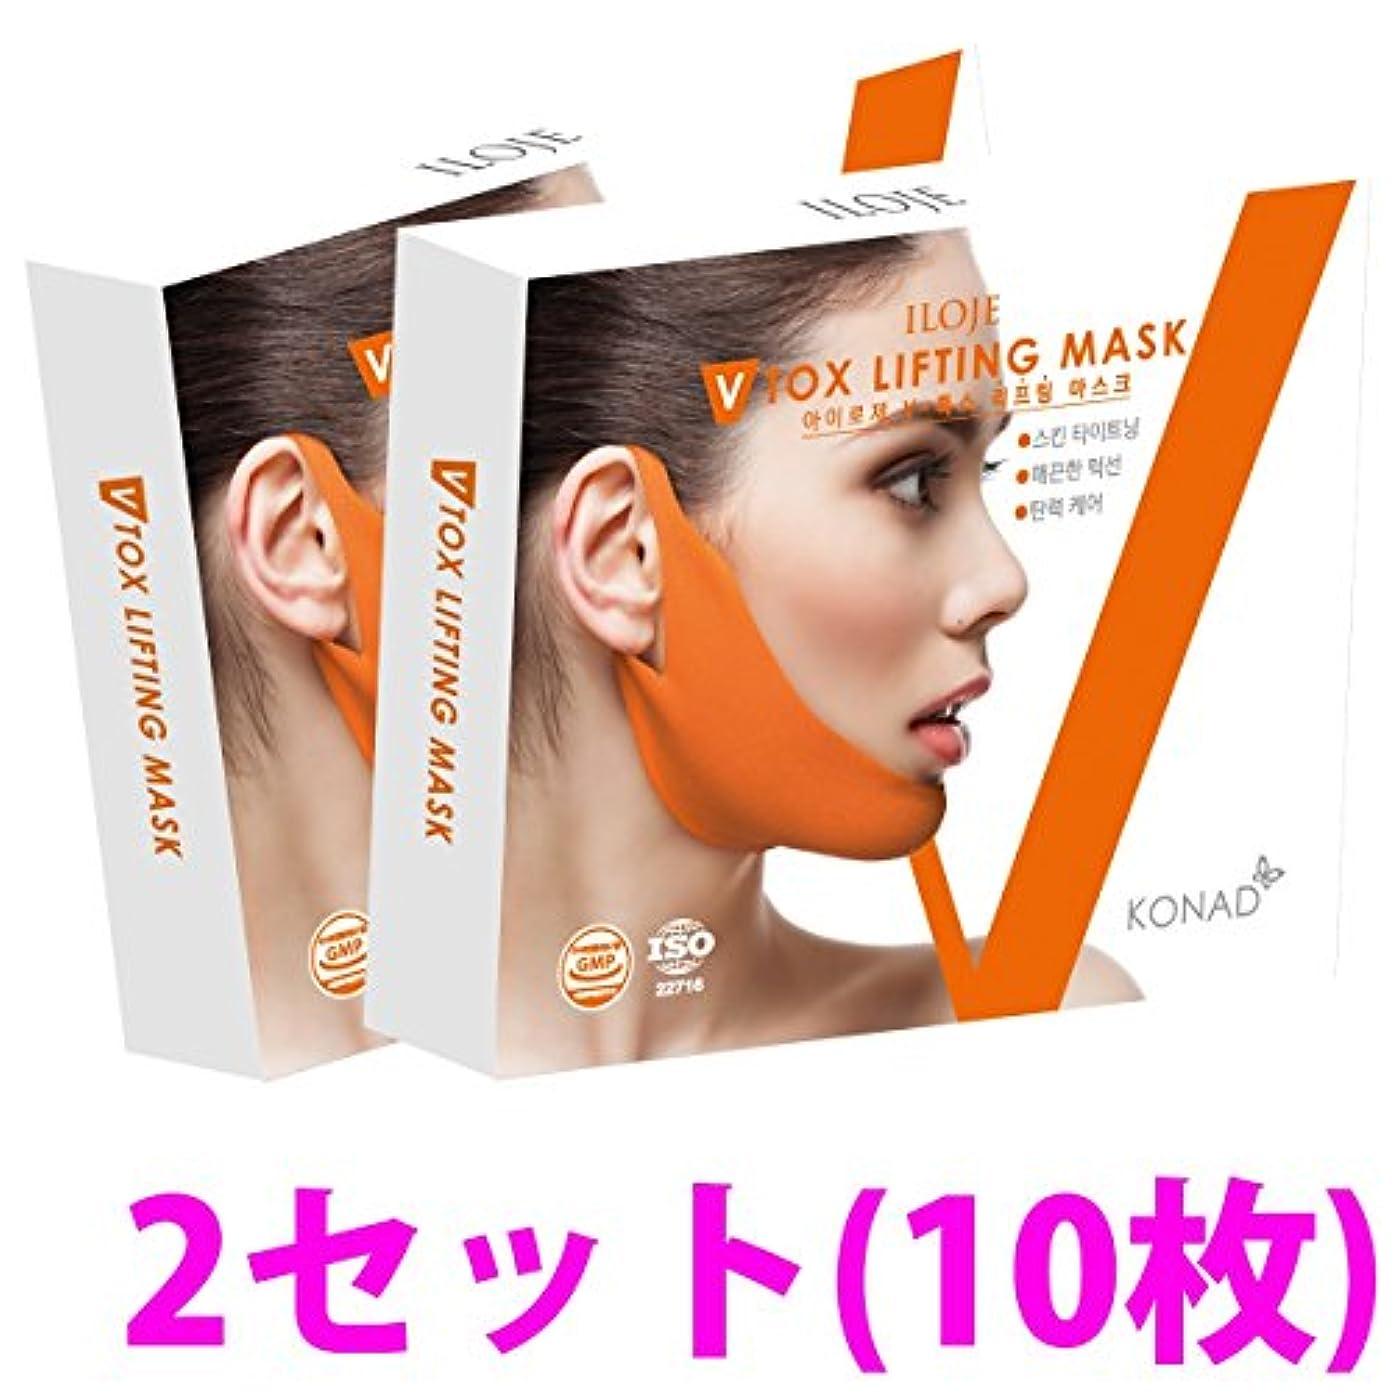 ゲート困惑するお祝い女性の年齢は顎の輪郭で決まる!V-TOXリフティングマスクパック 2セット(10枚)